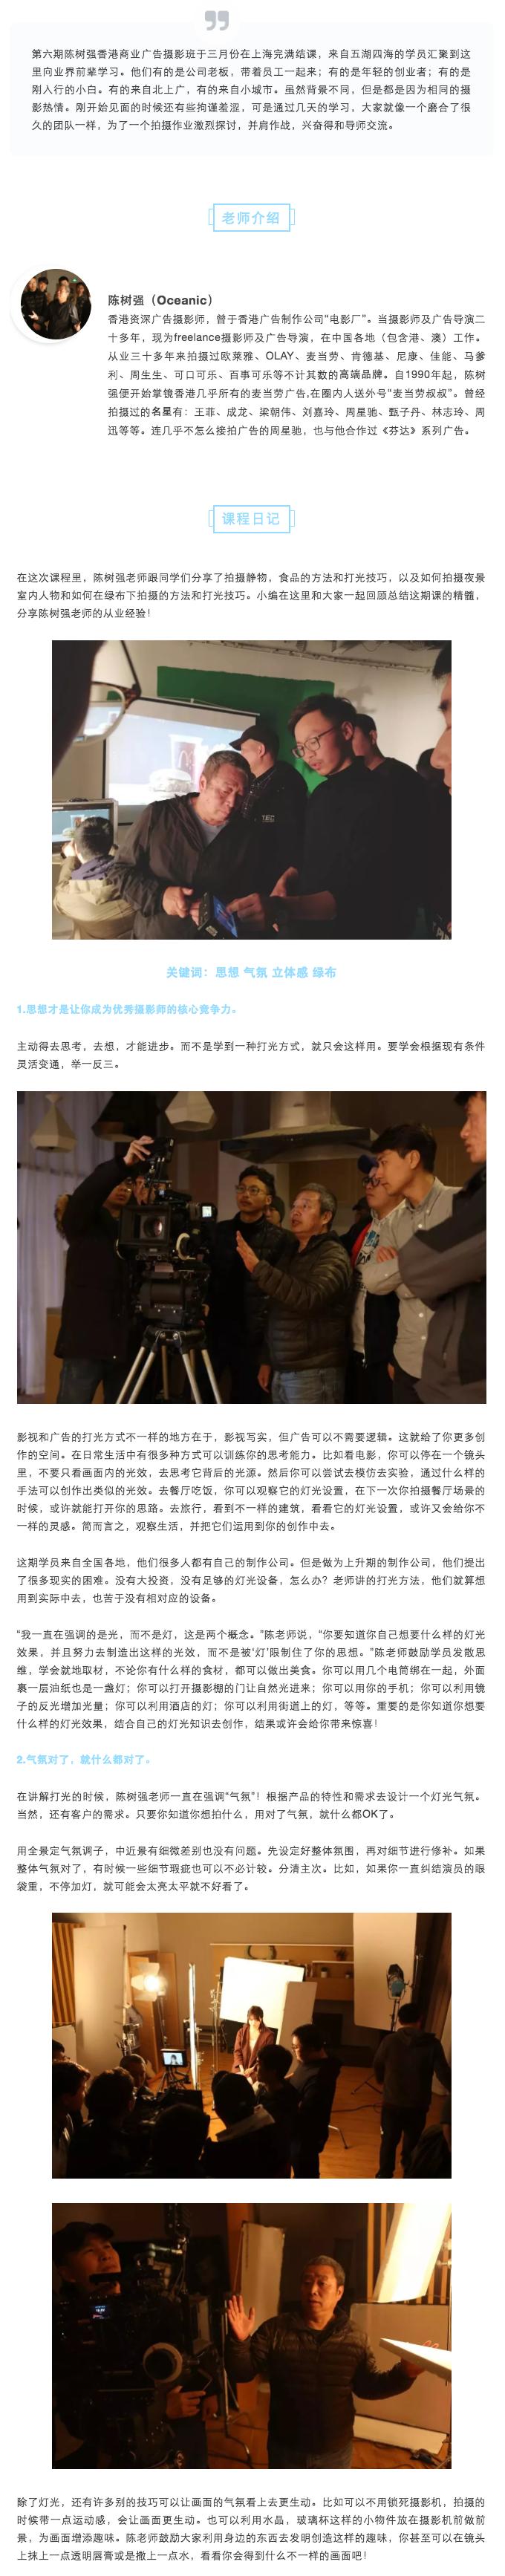 跟着香港著名摄影师陈树强学习是一种什么体验?